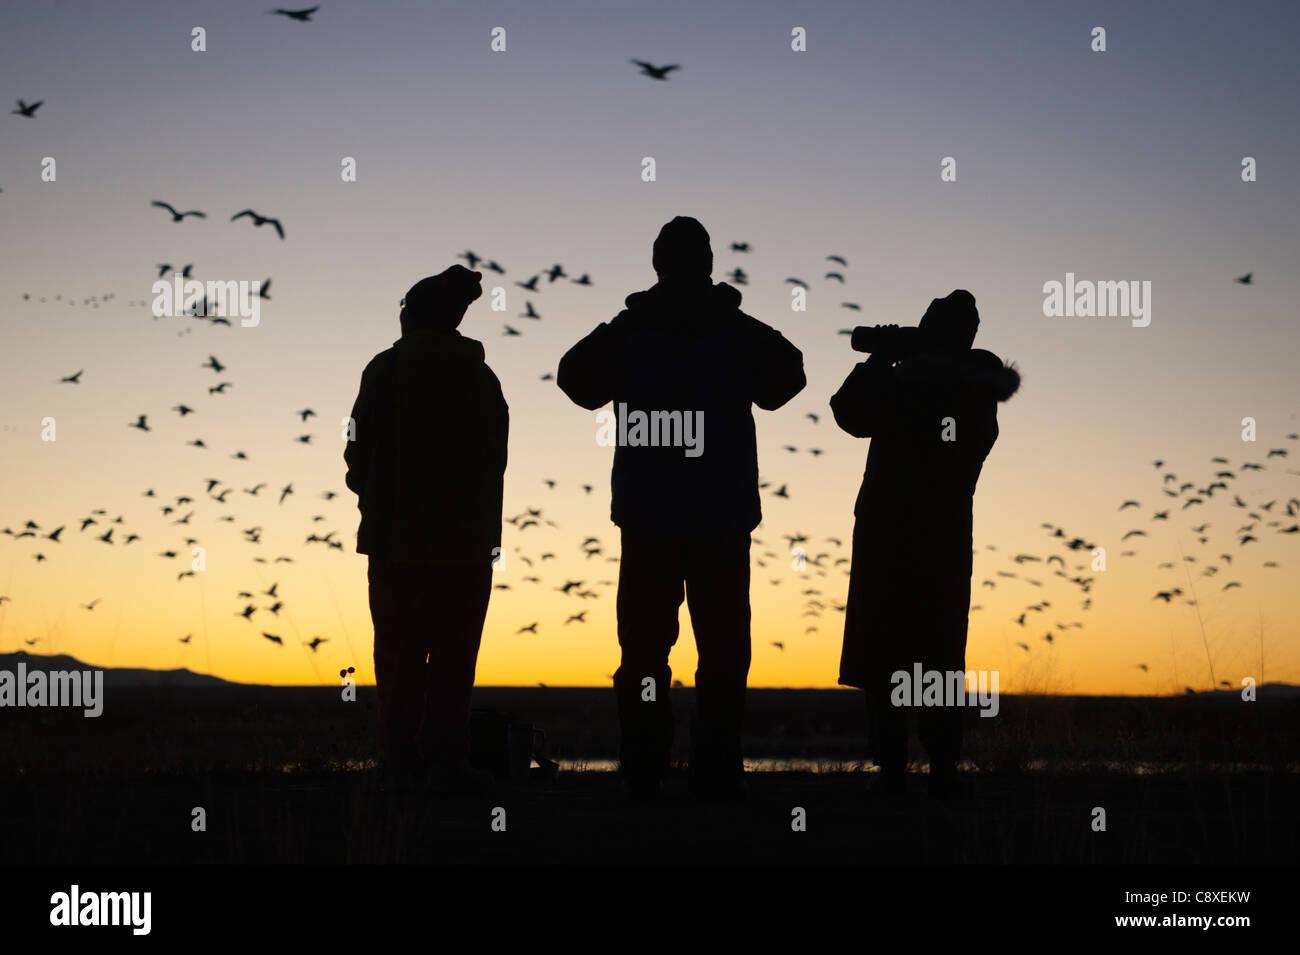 Vogelbeobachter Bosque del Apache New Mexico USA November Morgen Flug von Schneegänsen anzusehen Stockbild